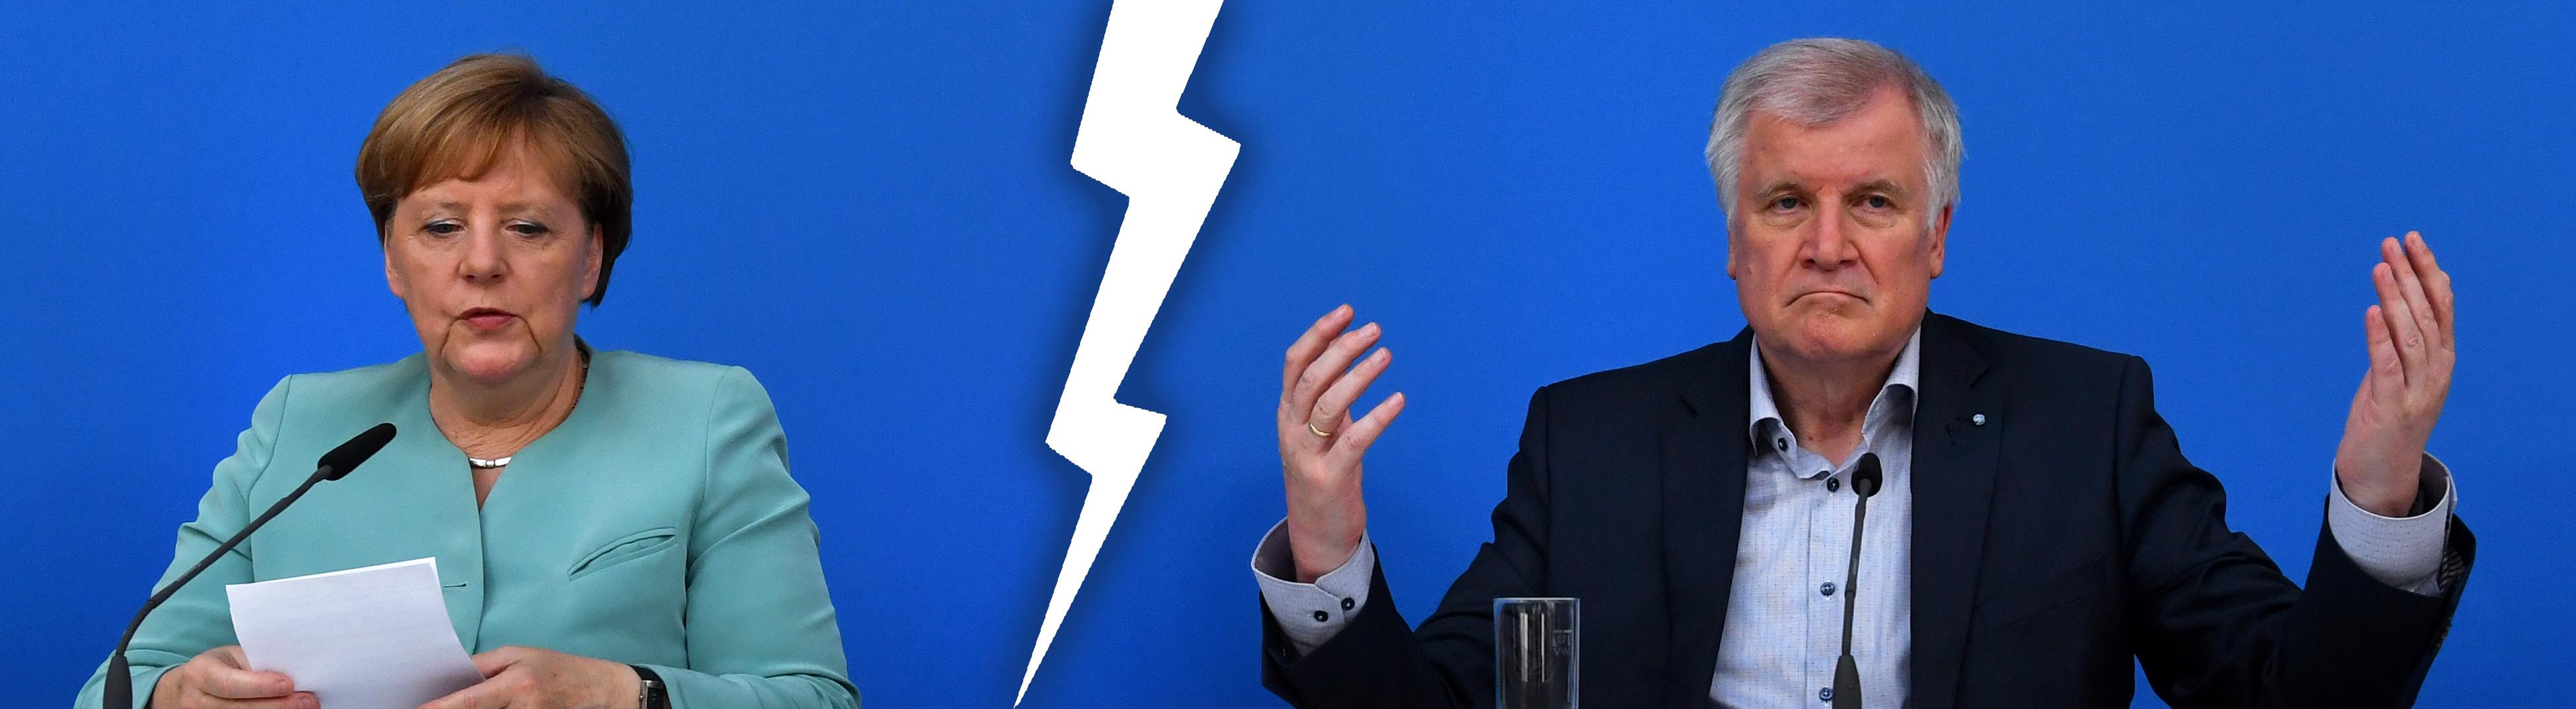 Angela Merkel und Horst Seehofer sitzen nebeneinander und sehen wenig glücklich aus